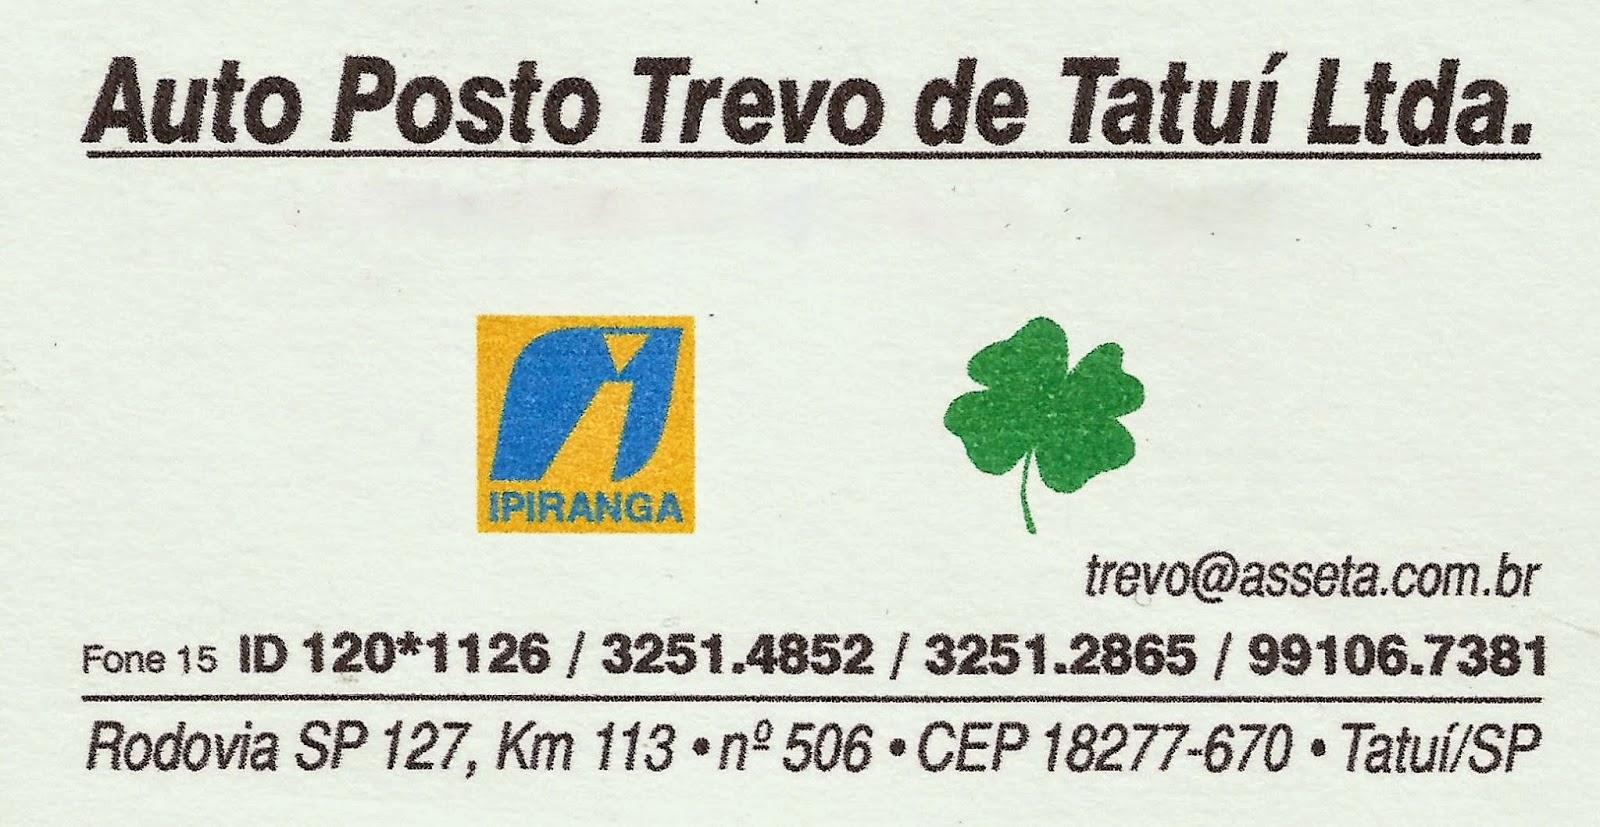 AUTO POSTO TREVO TATUÍ Rua. Onze de Agosto, 1150 Centro - Tatuí - SP tel: (15)3251-4852 / 3251-2865 Cel: 99106-7381 / Nextel: Id 120*1126 e-mail: trevo@asseta.com.br